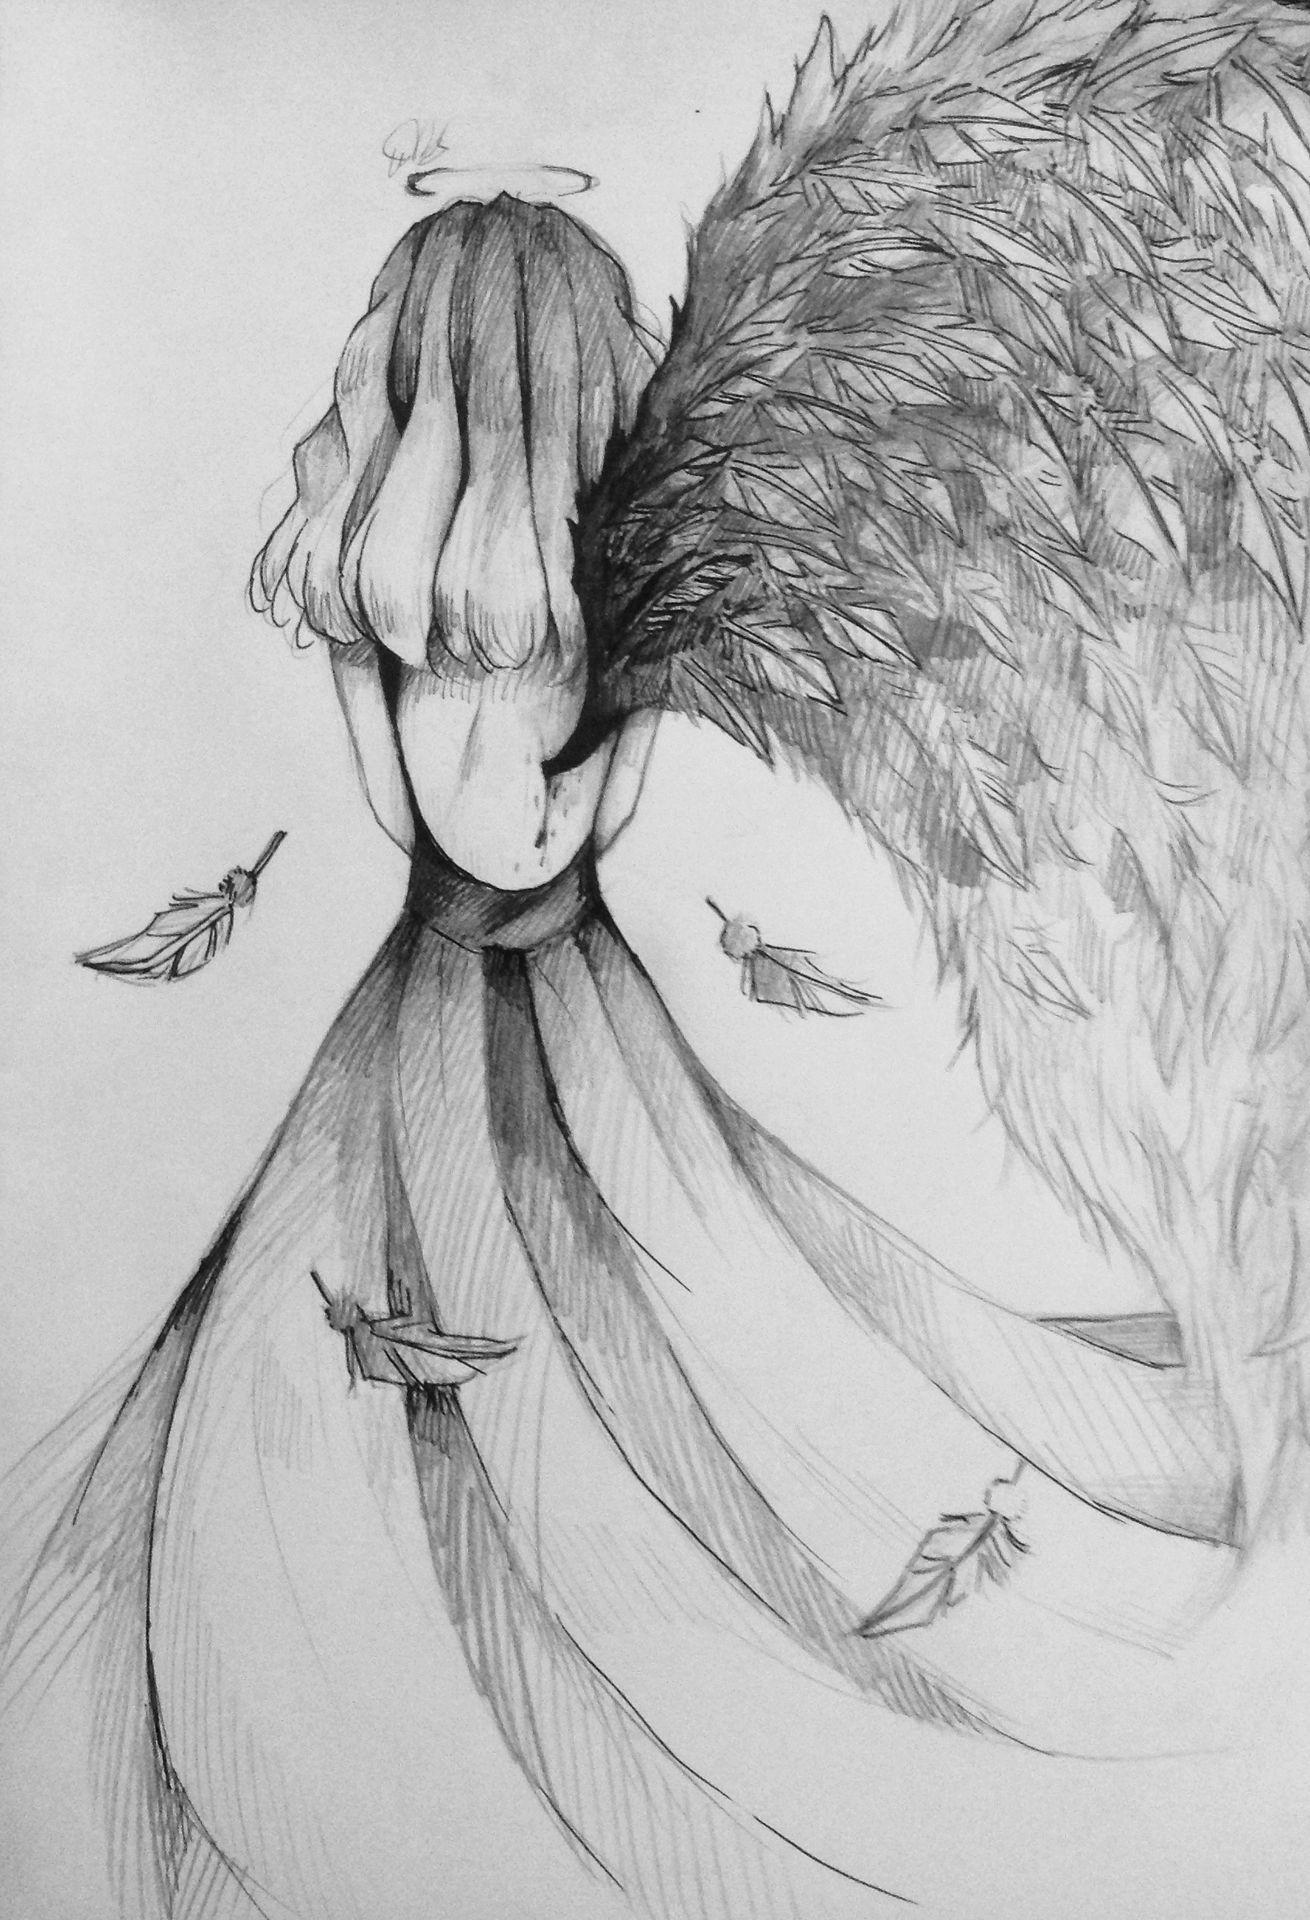 Artbook In 2020 Angel Drawing Angel Sketch Wings Drawing